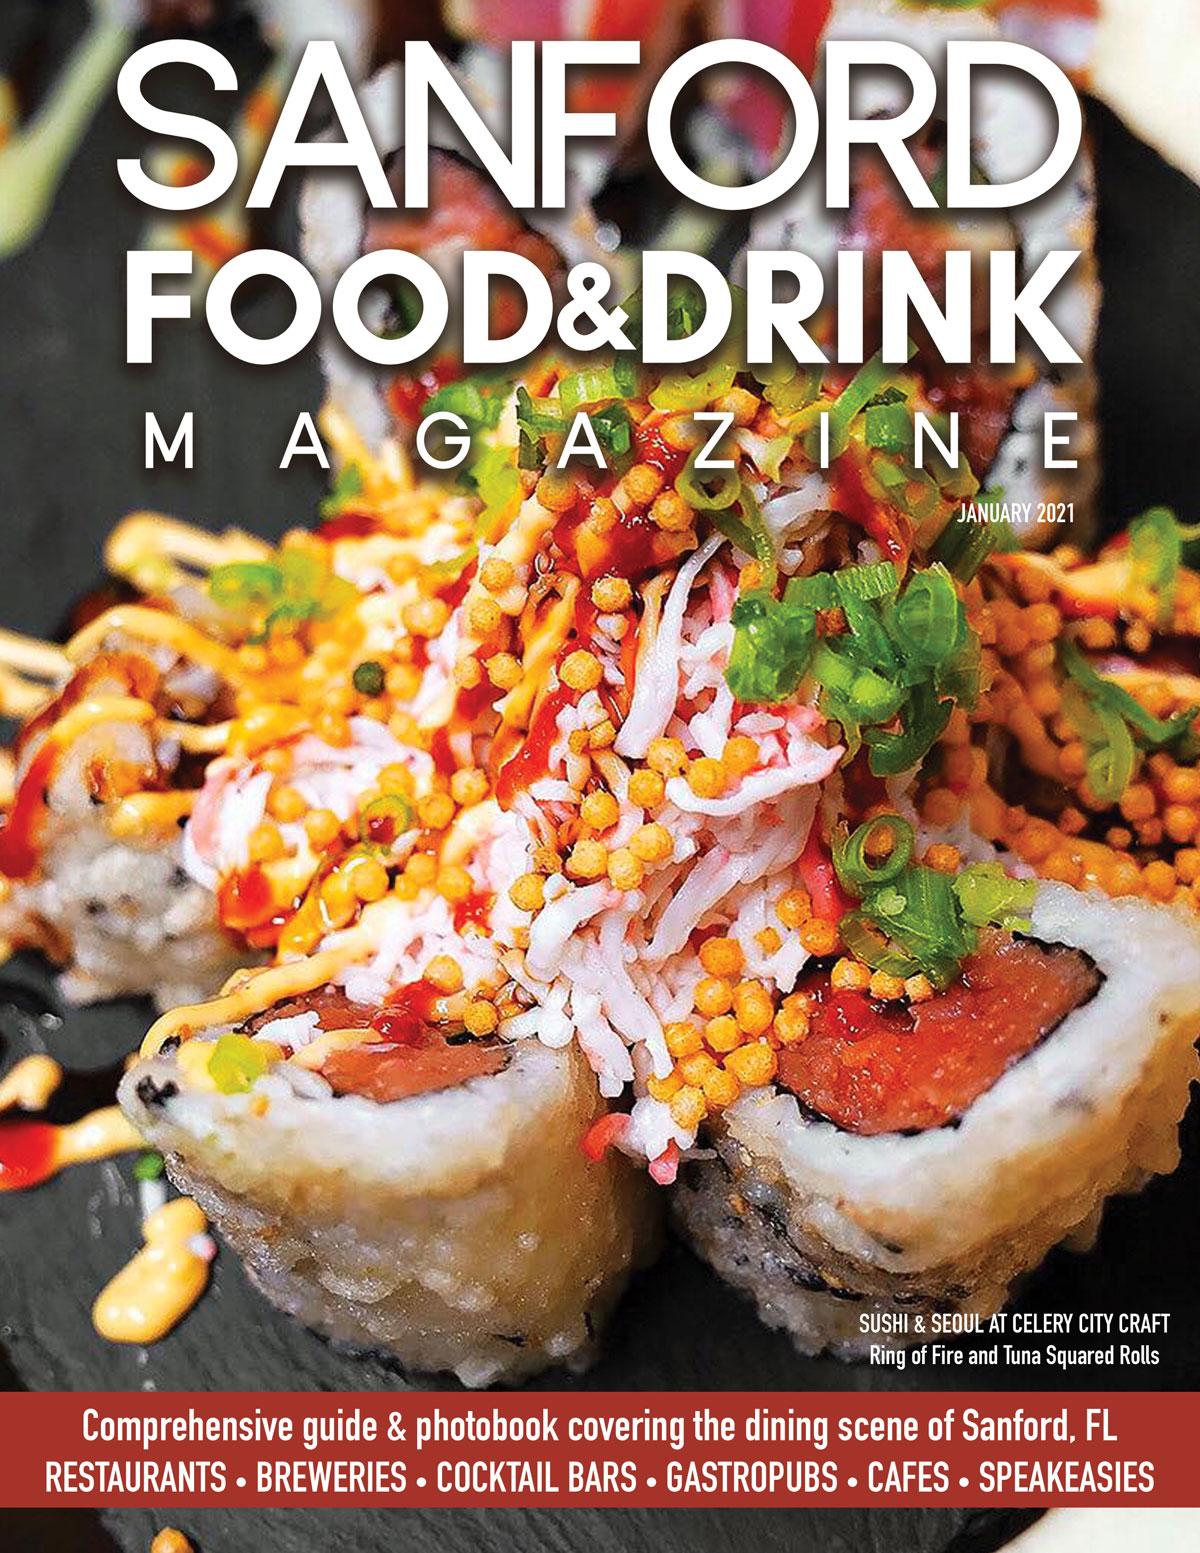 Sanford Food & Drink Magazine